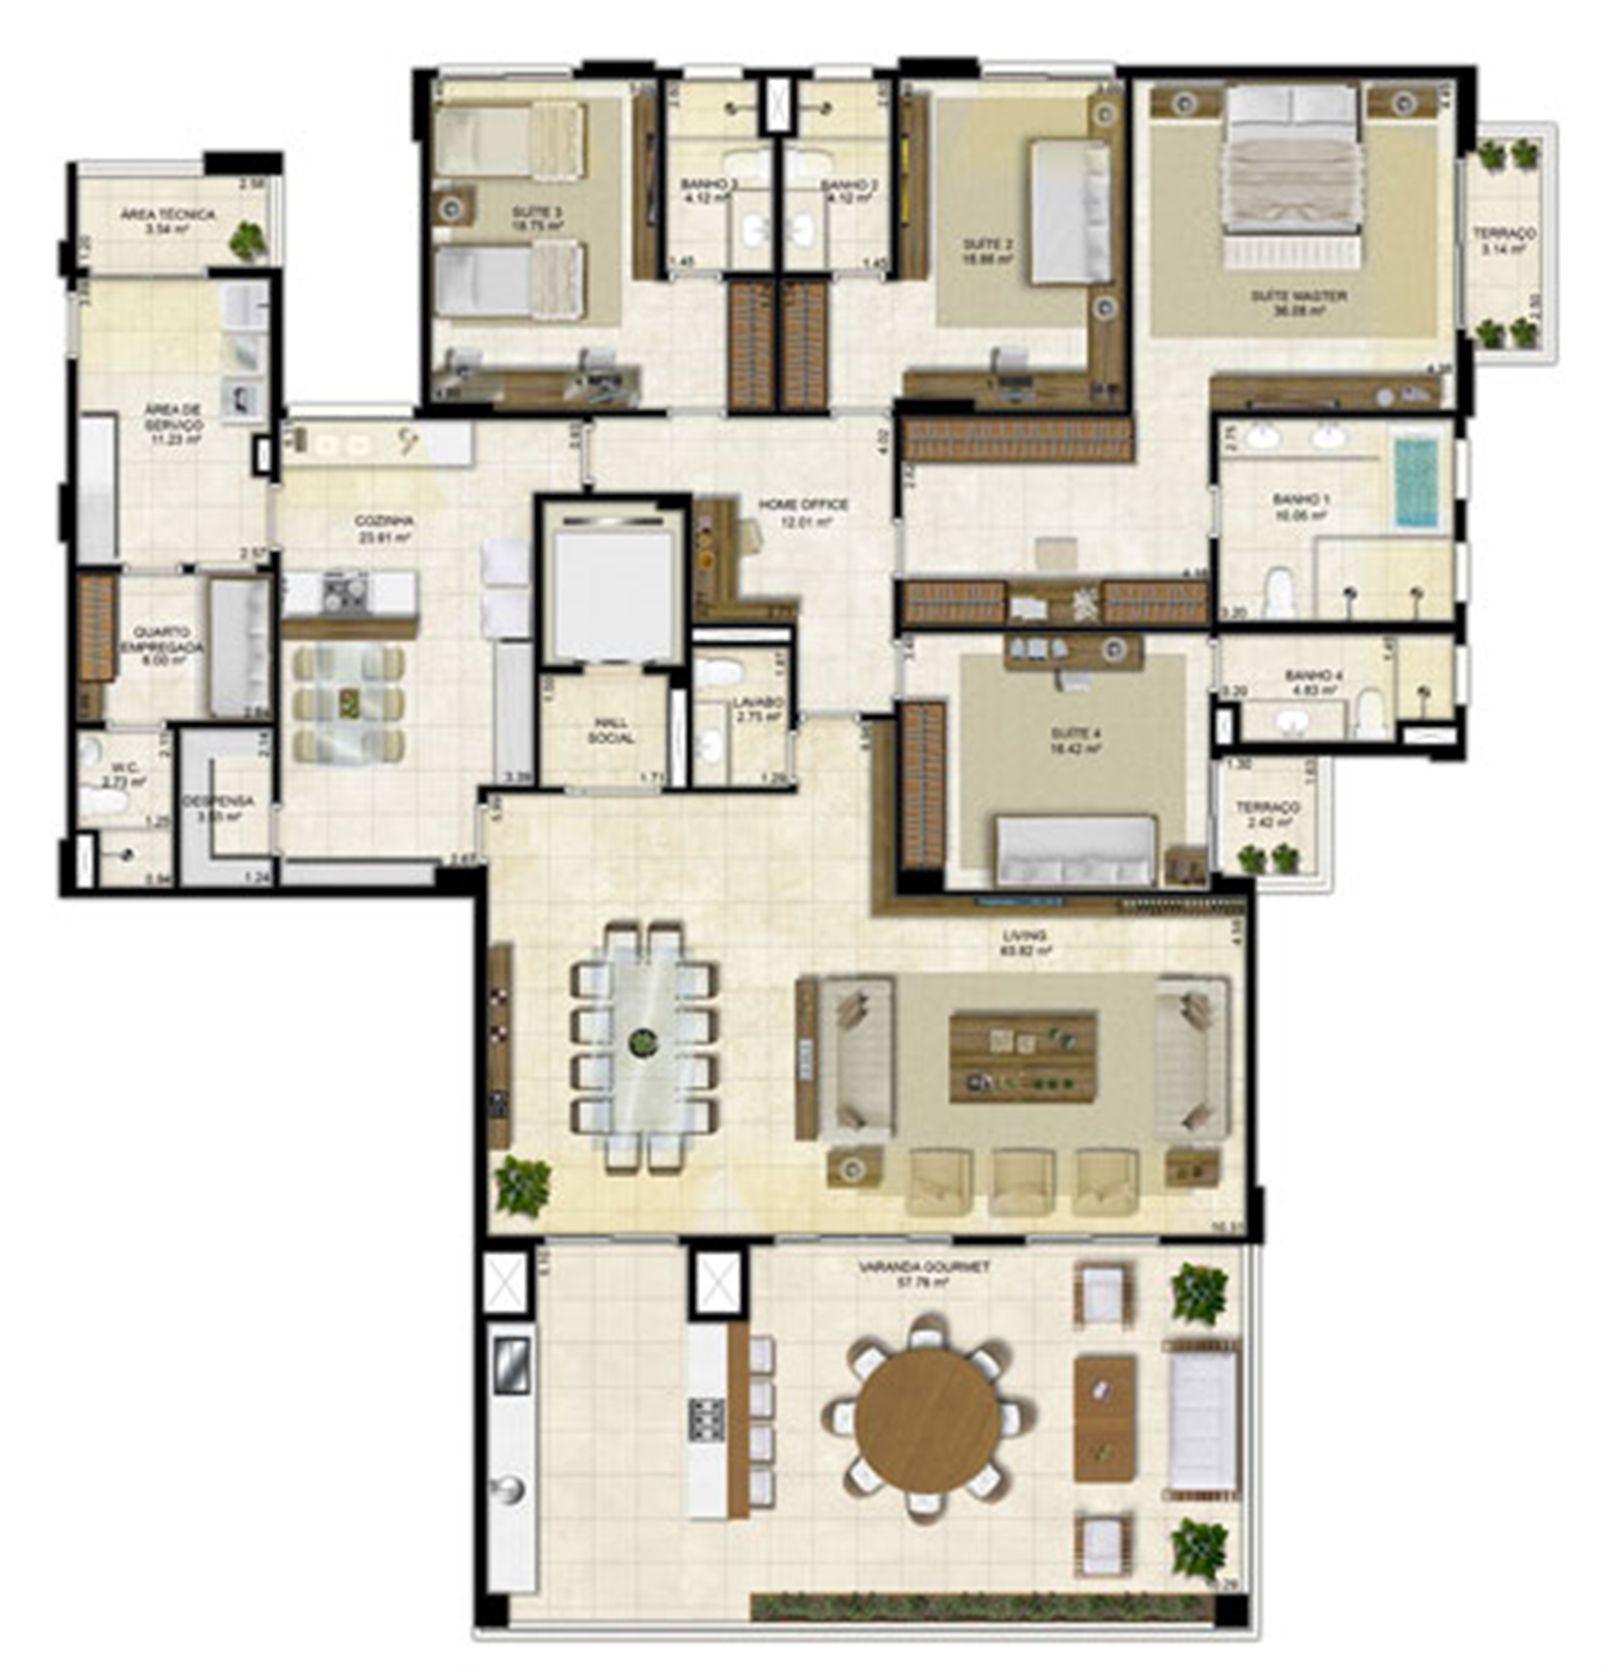 Planta Tipo 305 m² - Pavimento par | Île Saint Louis  – Apartamentona  Ponta D'areia - São Luís - Maranhão